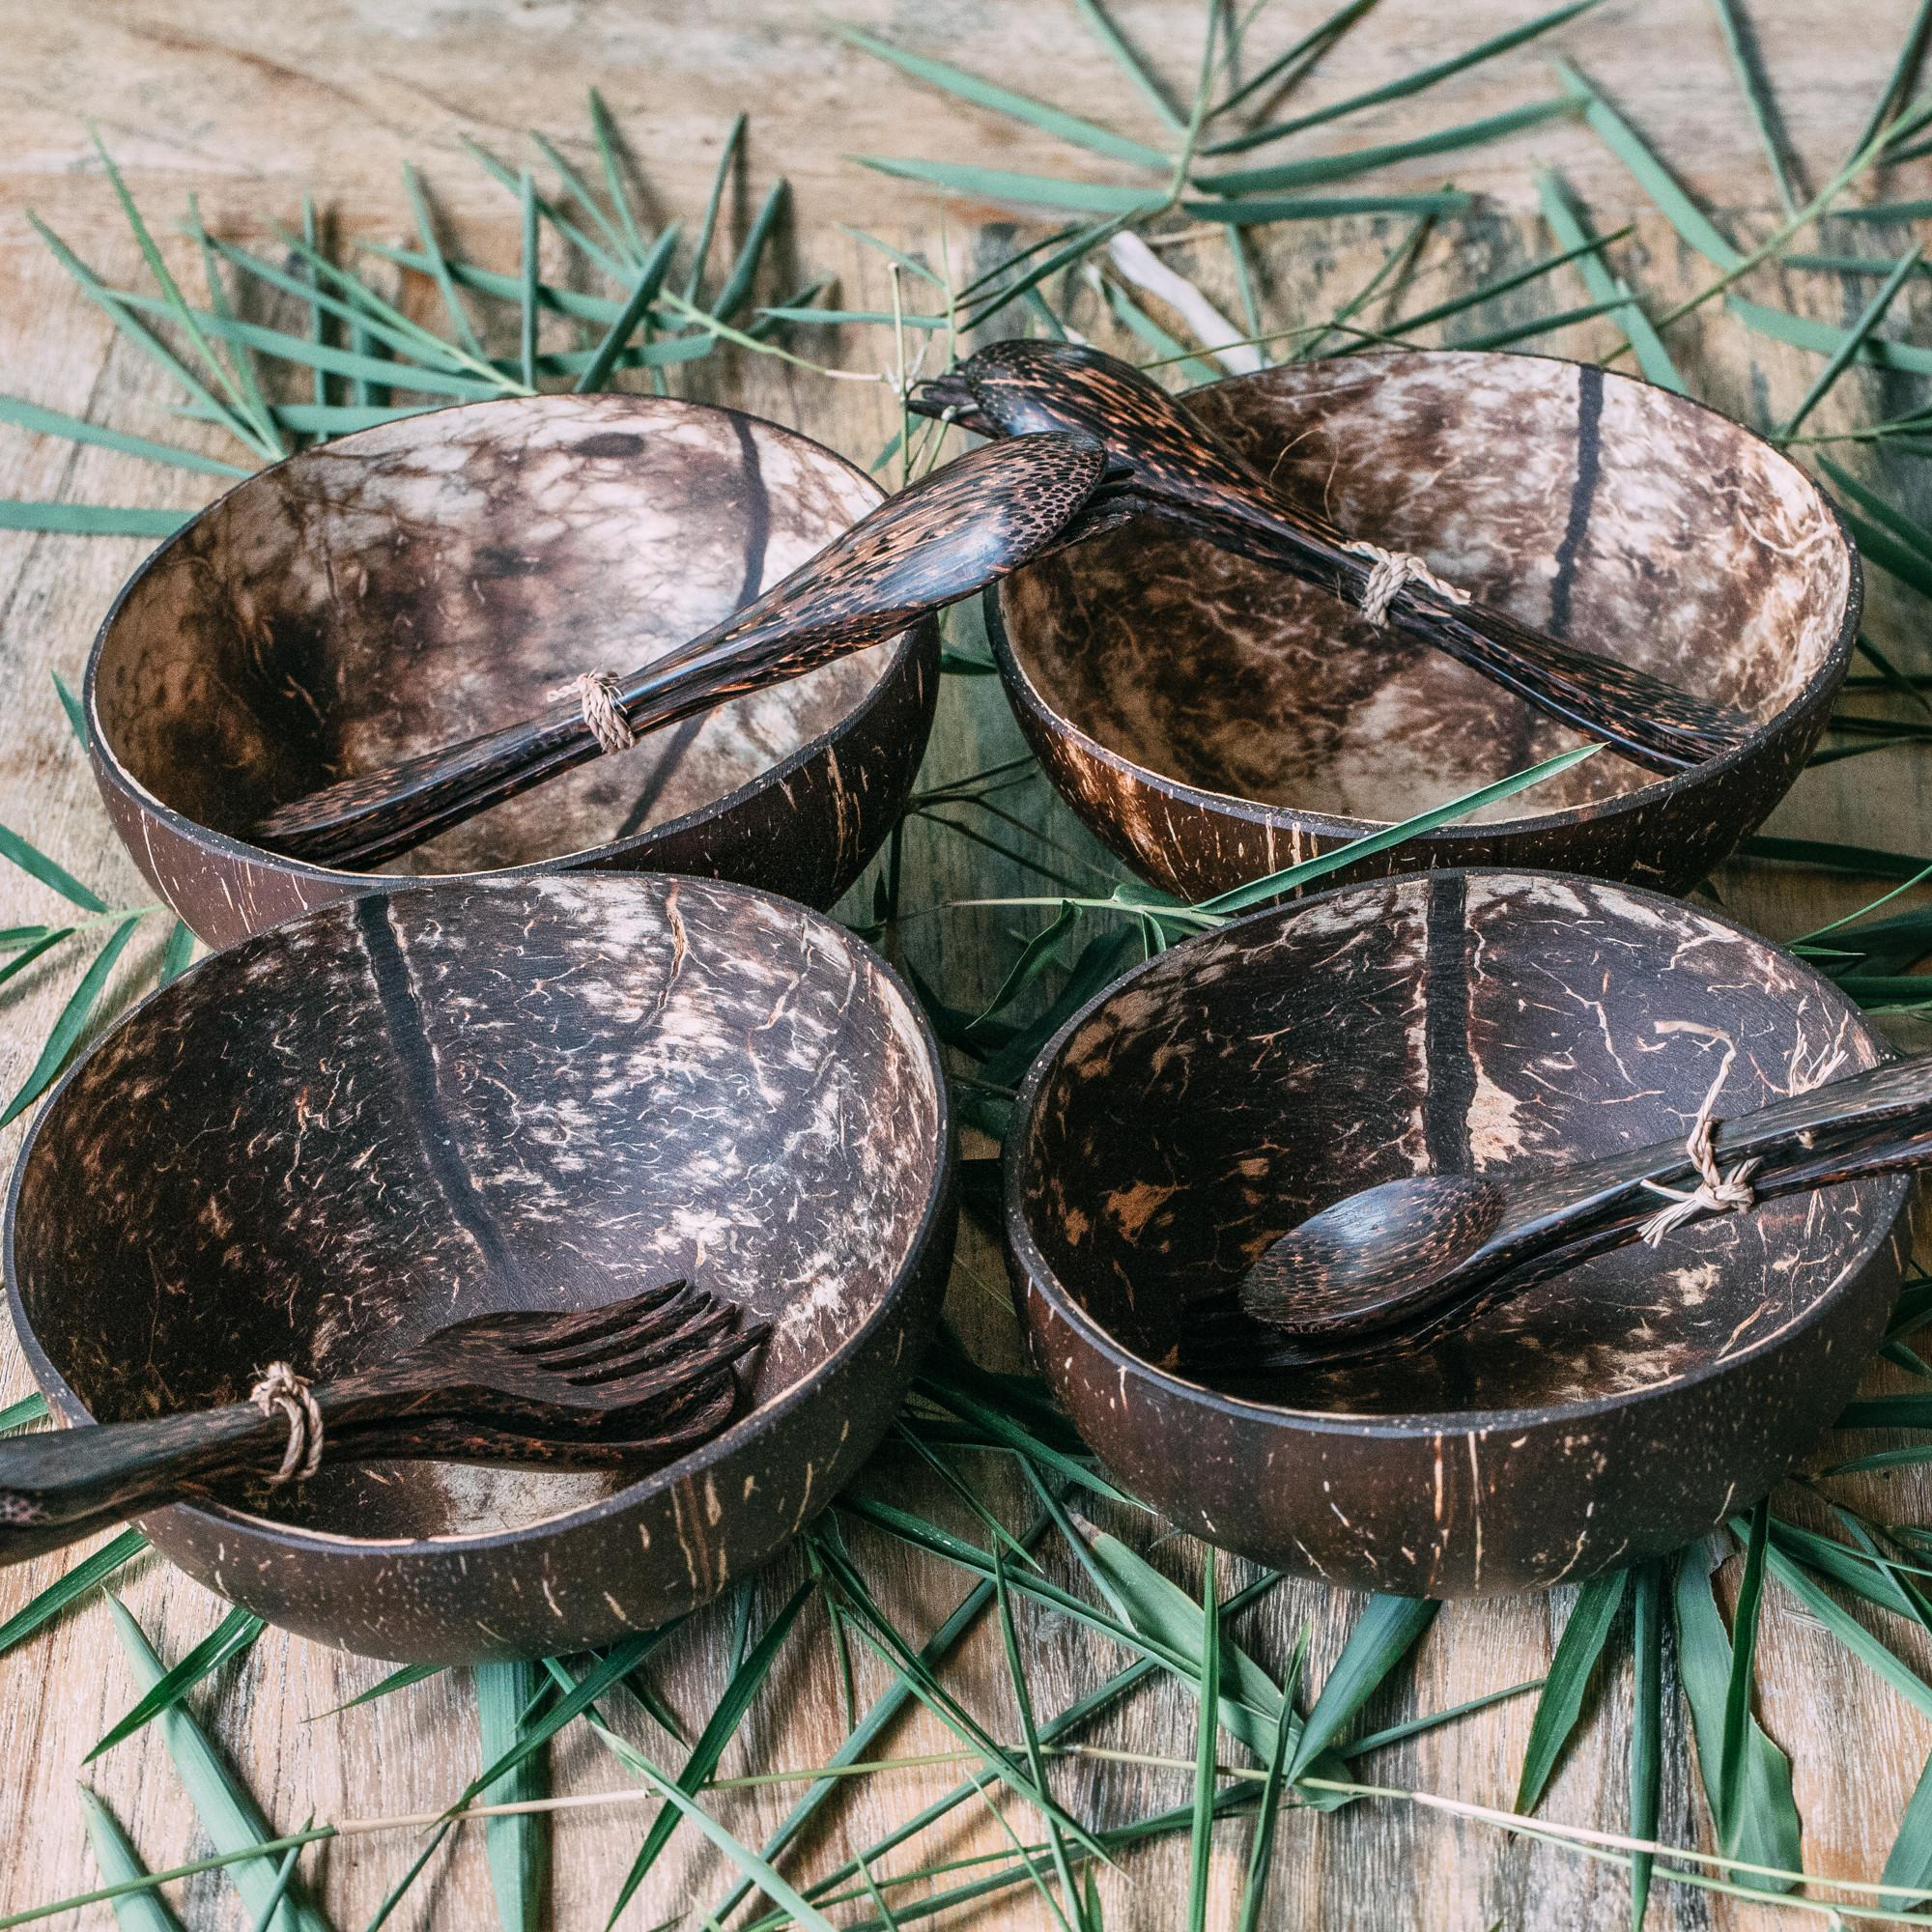 """Zestaw 4 średnich kokosowych misek """"Batukaru"""" z dołączonymi do każdej miseczki drewnianymi sztućcami. Możesz wybrać, czy chcesz otrzymać każdą miseczkę z 2 łyżkami, 2 widelcami lub z jednym widelcem i łyżką. Miski kokosowe to obowiązkowy ekologiczny dodatek do Twojej kuchni. Wykonane są z łupin orzechów kokosowych na codzień wyrzucanych jako odpady. Kupując miski wspierasz przetwarzanie i wtórne wykorzystywanie nikomu niepotrzebnych łupin kokosów, pomagasz środowisku, a zarazem pomagasz zapewnić godne życie lokalnym rzemieślnikom. Każda miska jest przycinana, szlifowana i polerowana ręcznie. Miski na żadnym etapie produkcji nie są poddawane obróbce chemicznej, a dzięki temu są w pełni wolne od jakichkolwiek substancji chemicznych. Materiał: łupina orzecha kokosowego  Rozmiar: średnia  Pojemność: około 500-600 ml  Kolor: naturalny, nieprzetworzony  Wymiary: średnica 12-13 cm, wysokość 7-8 cm  Kraj pochodzenia: Indonezja (Bali) Cechy szczególne: 100% wegańskie, wykonane ręcznie i unikaln"""